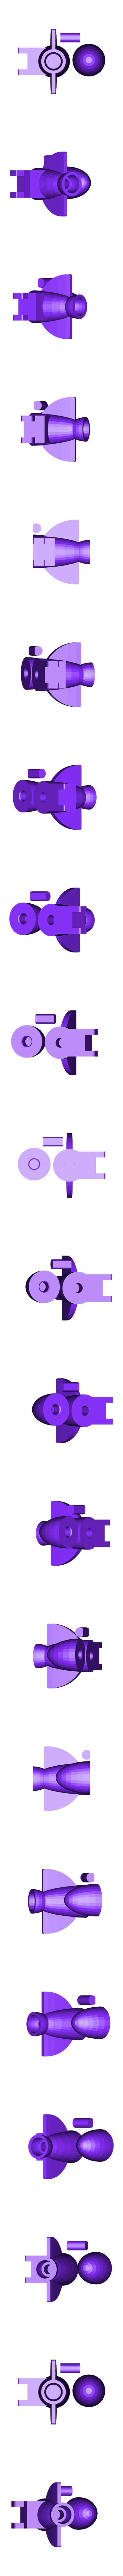 rocket.stl Download free STL file Robot Family Simple No Support • 3D printable design, Toymakr3D